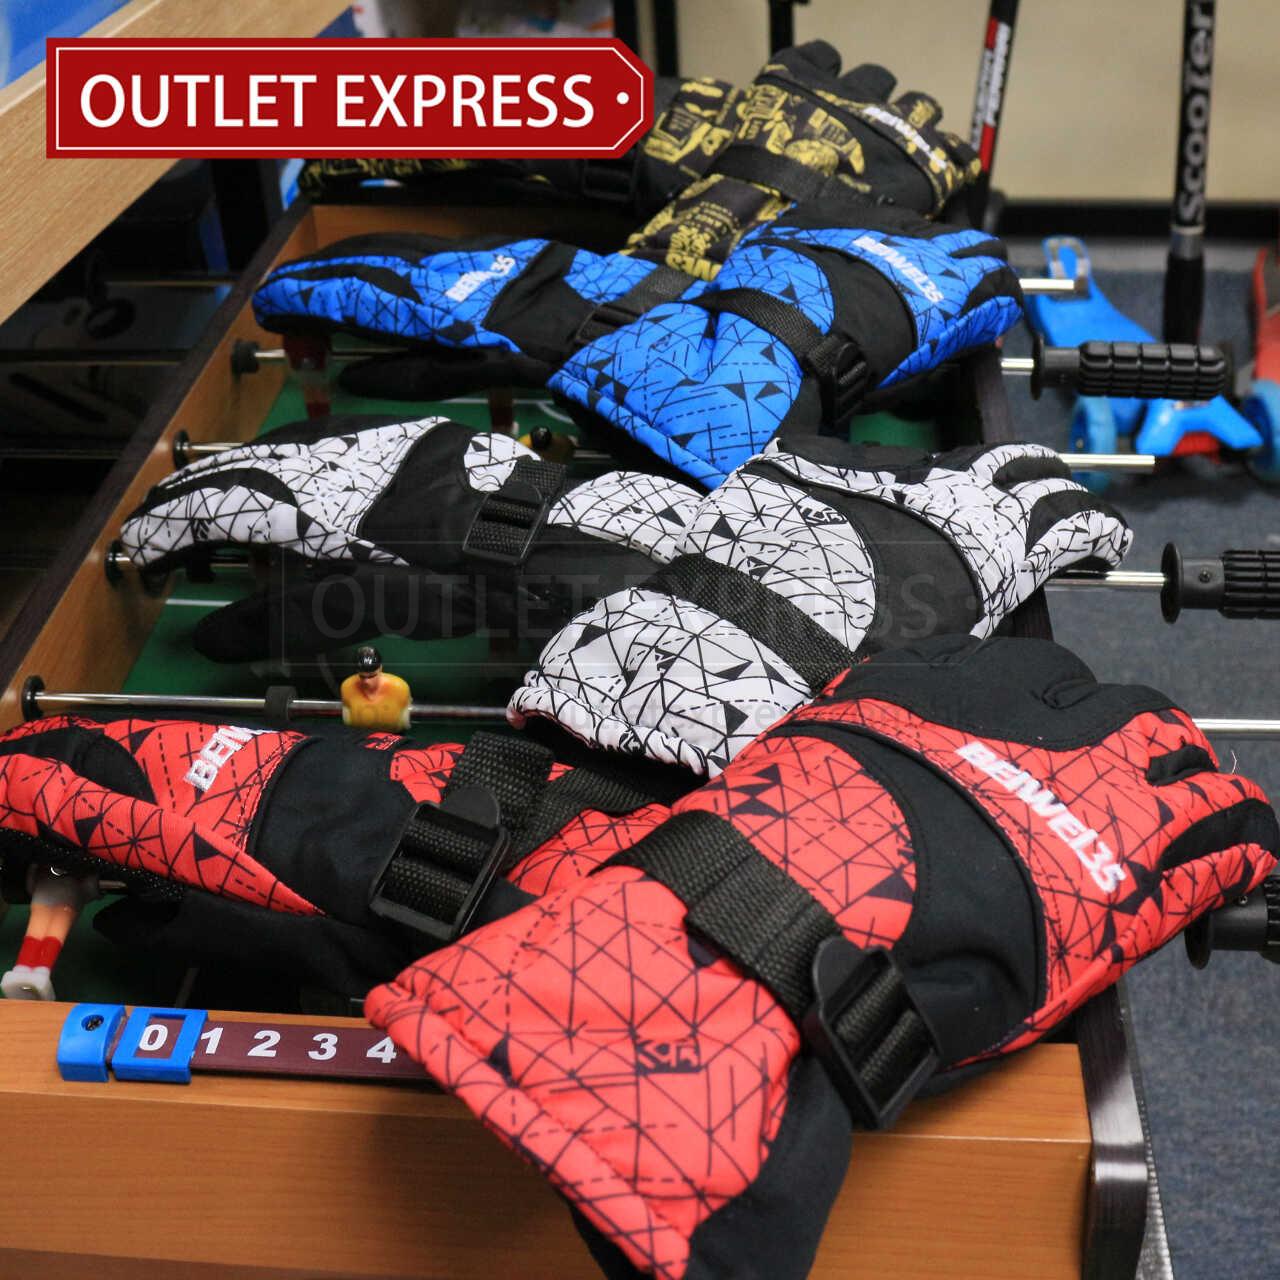 全指防風保暖滑雪手套 - Outlet Express HK生活百貨城實拍相片